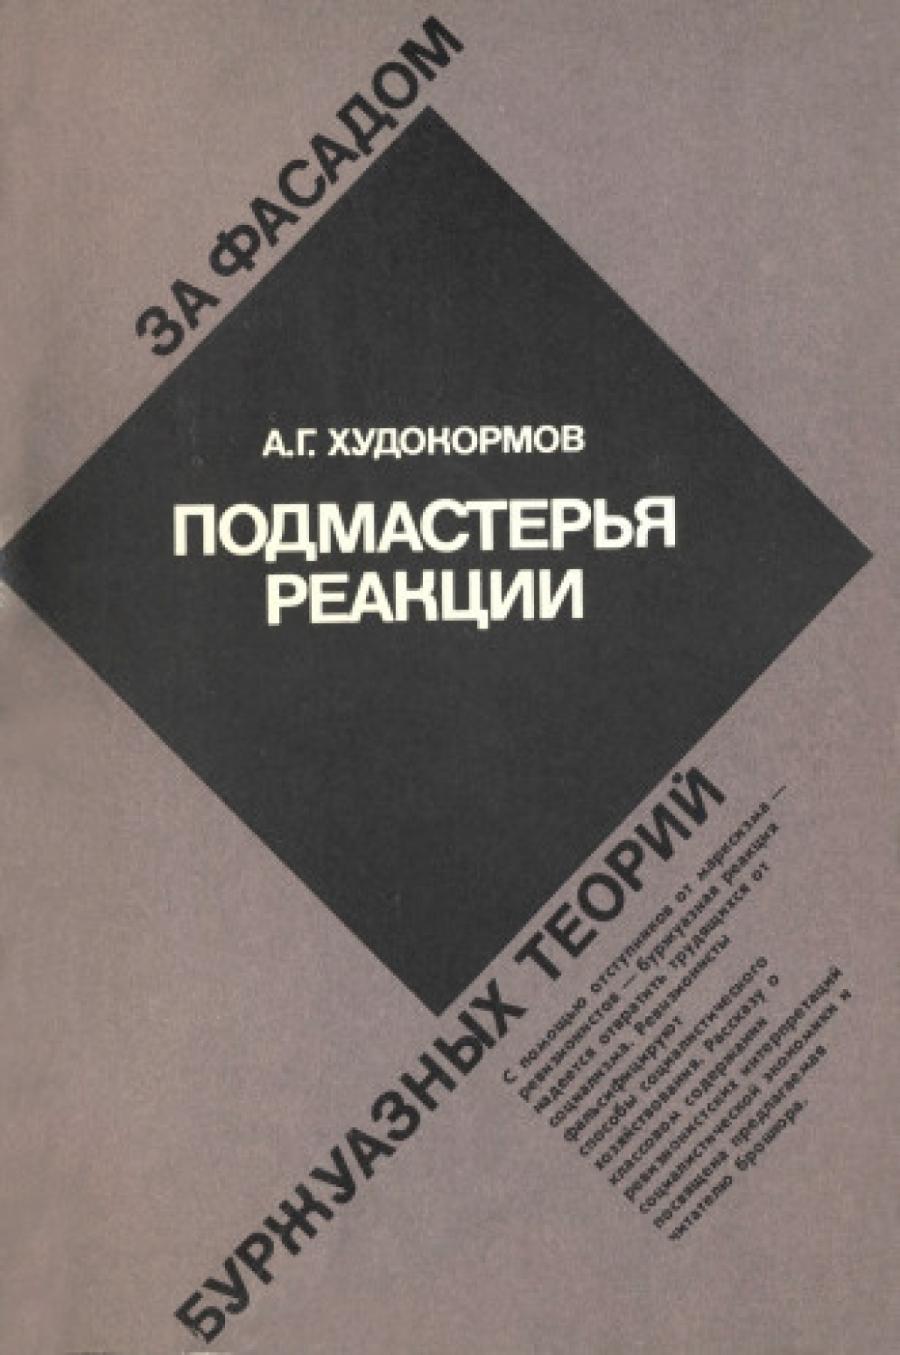 Обложка книги:  худокормов а.г. - подмастерья реакции. критика ревизионистских воззрений на социалистическую экономику